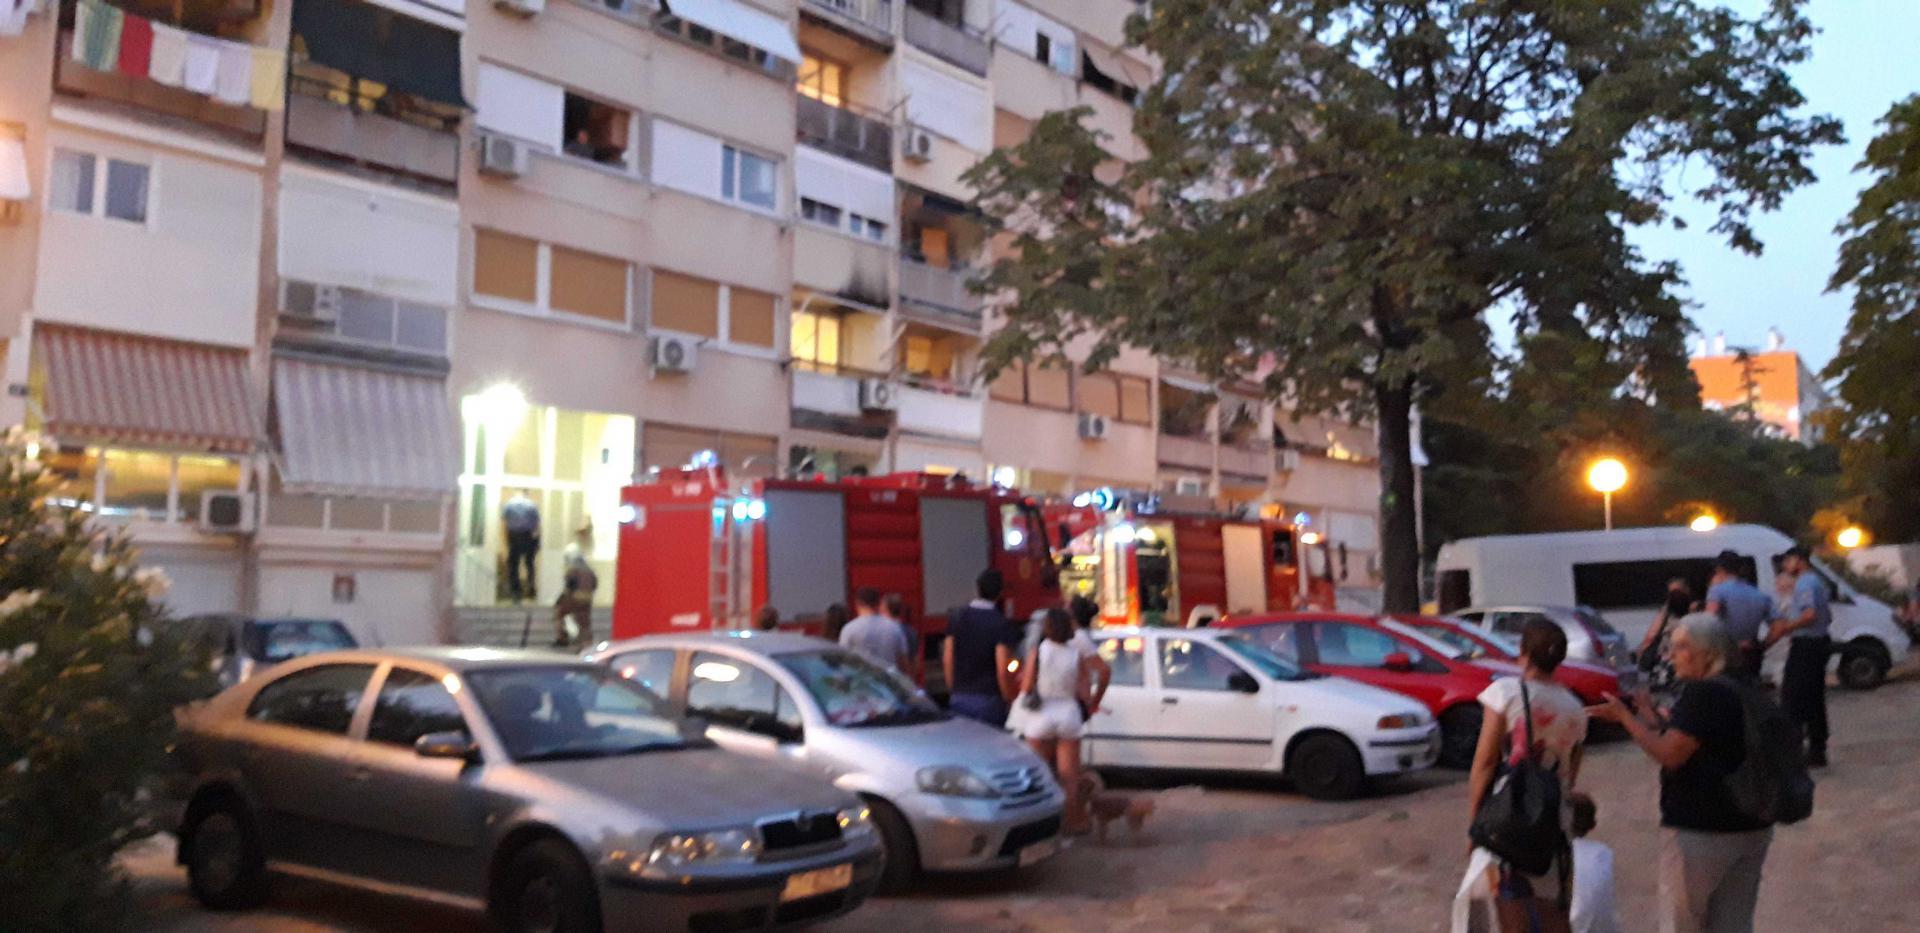 Zbog požara na Mažuranićevom šetalištu na terenu četiri vatrogasna vozila: 'Gore balkoni, ali nema ozlijeđenih'